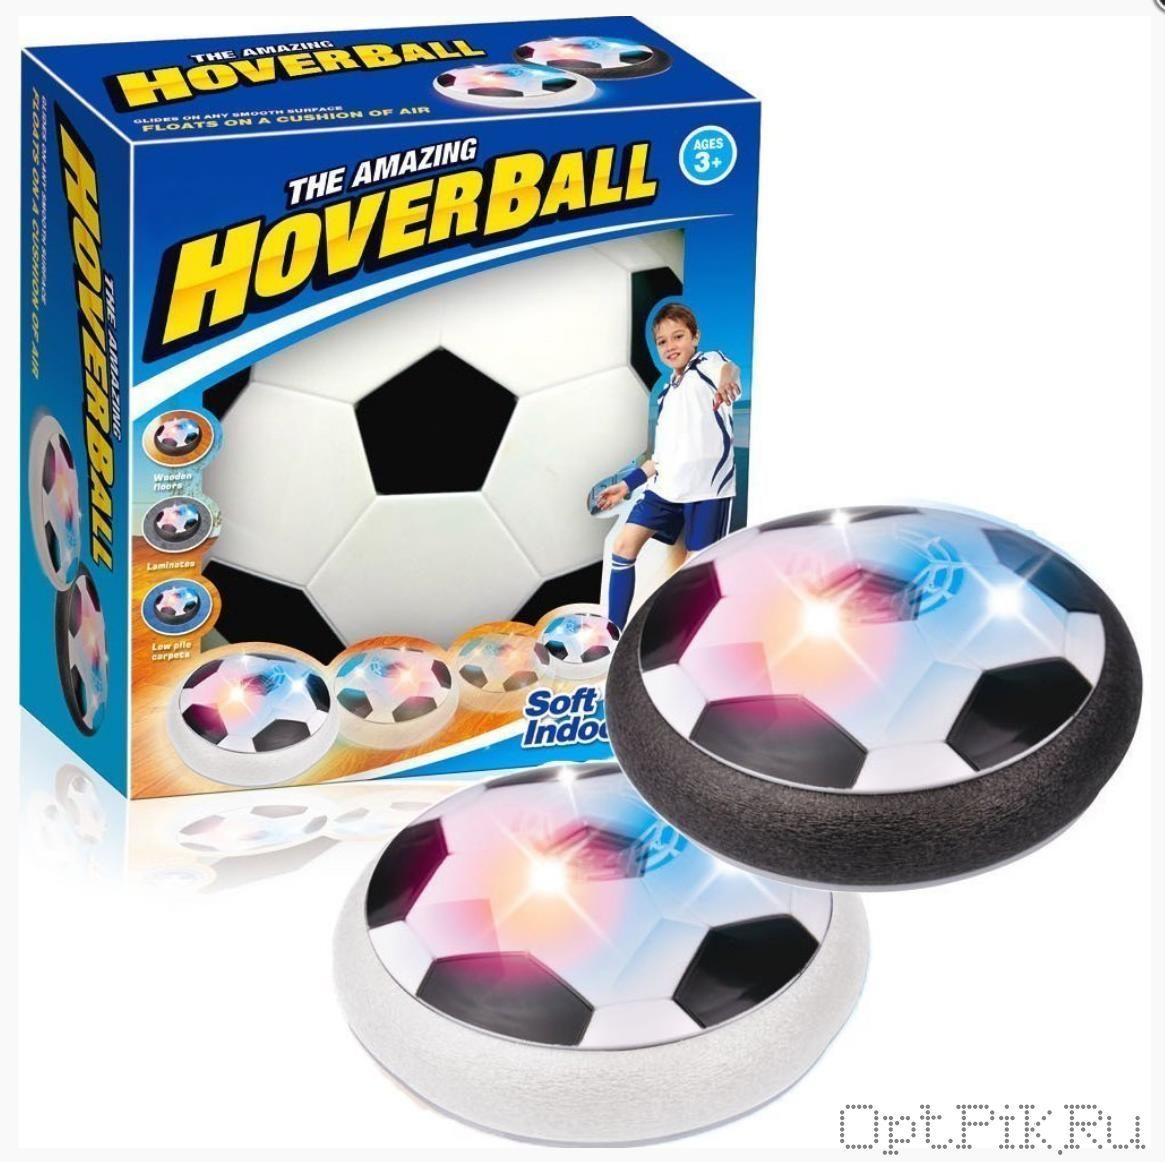 Аэромяч с подсветкой для дома HoverBall (дефект упаковки)